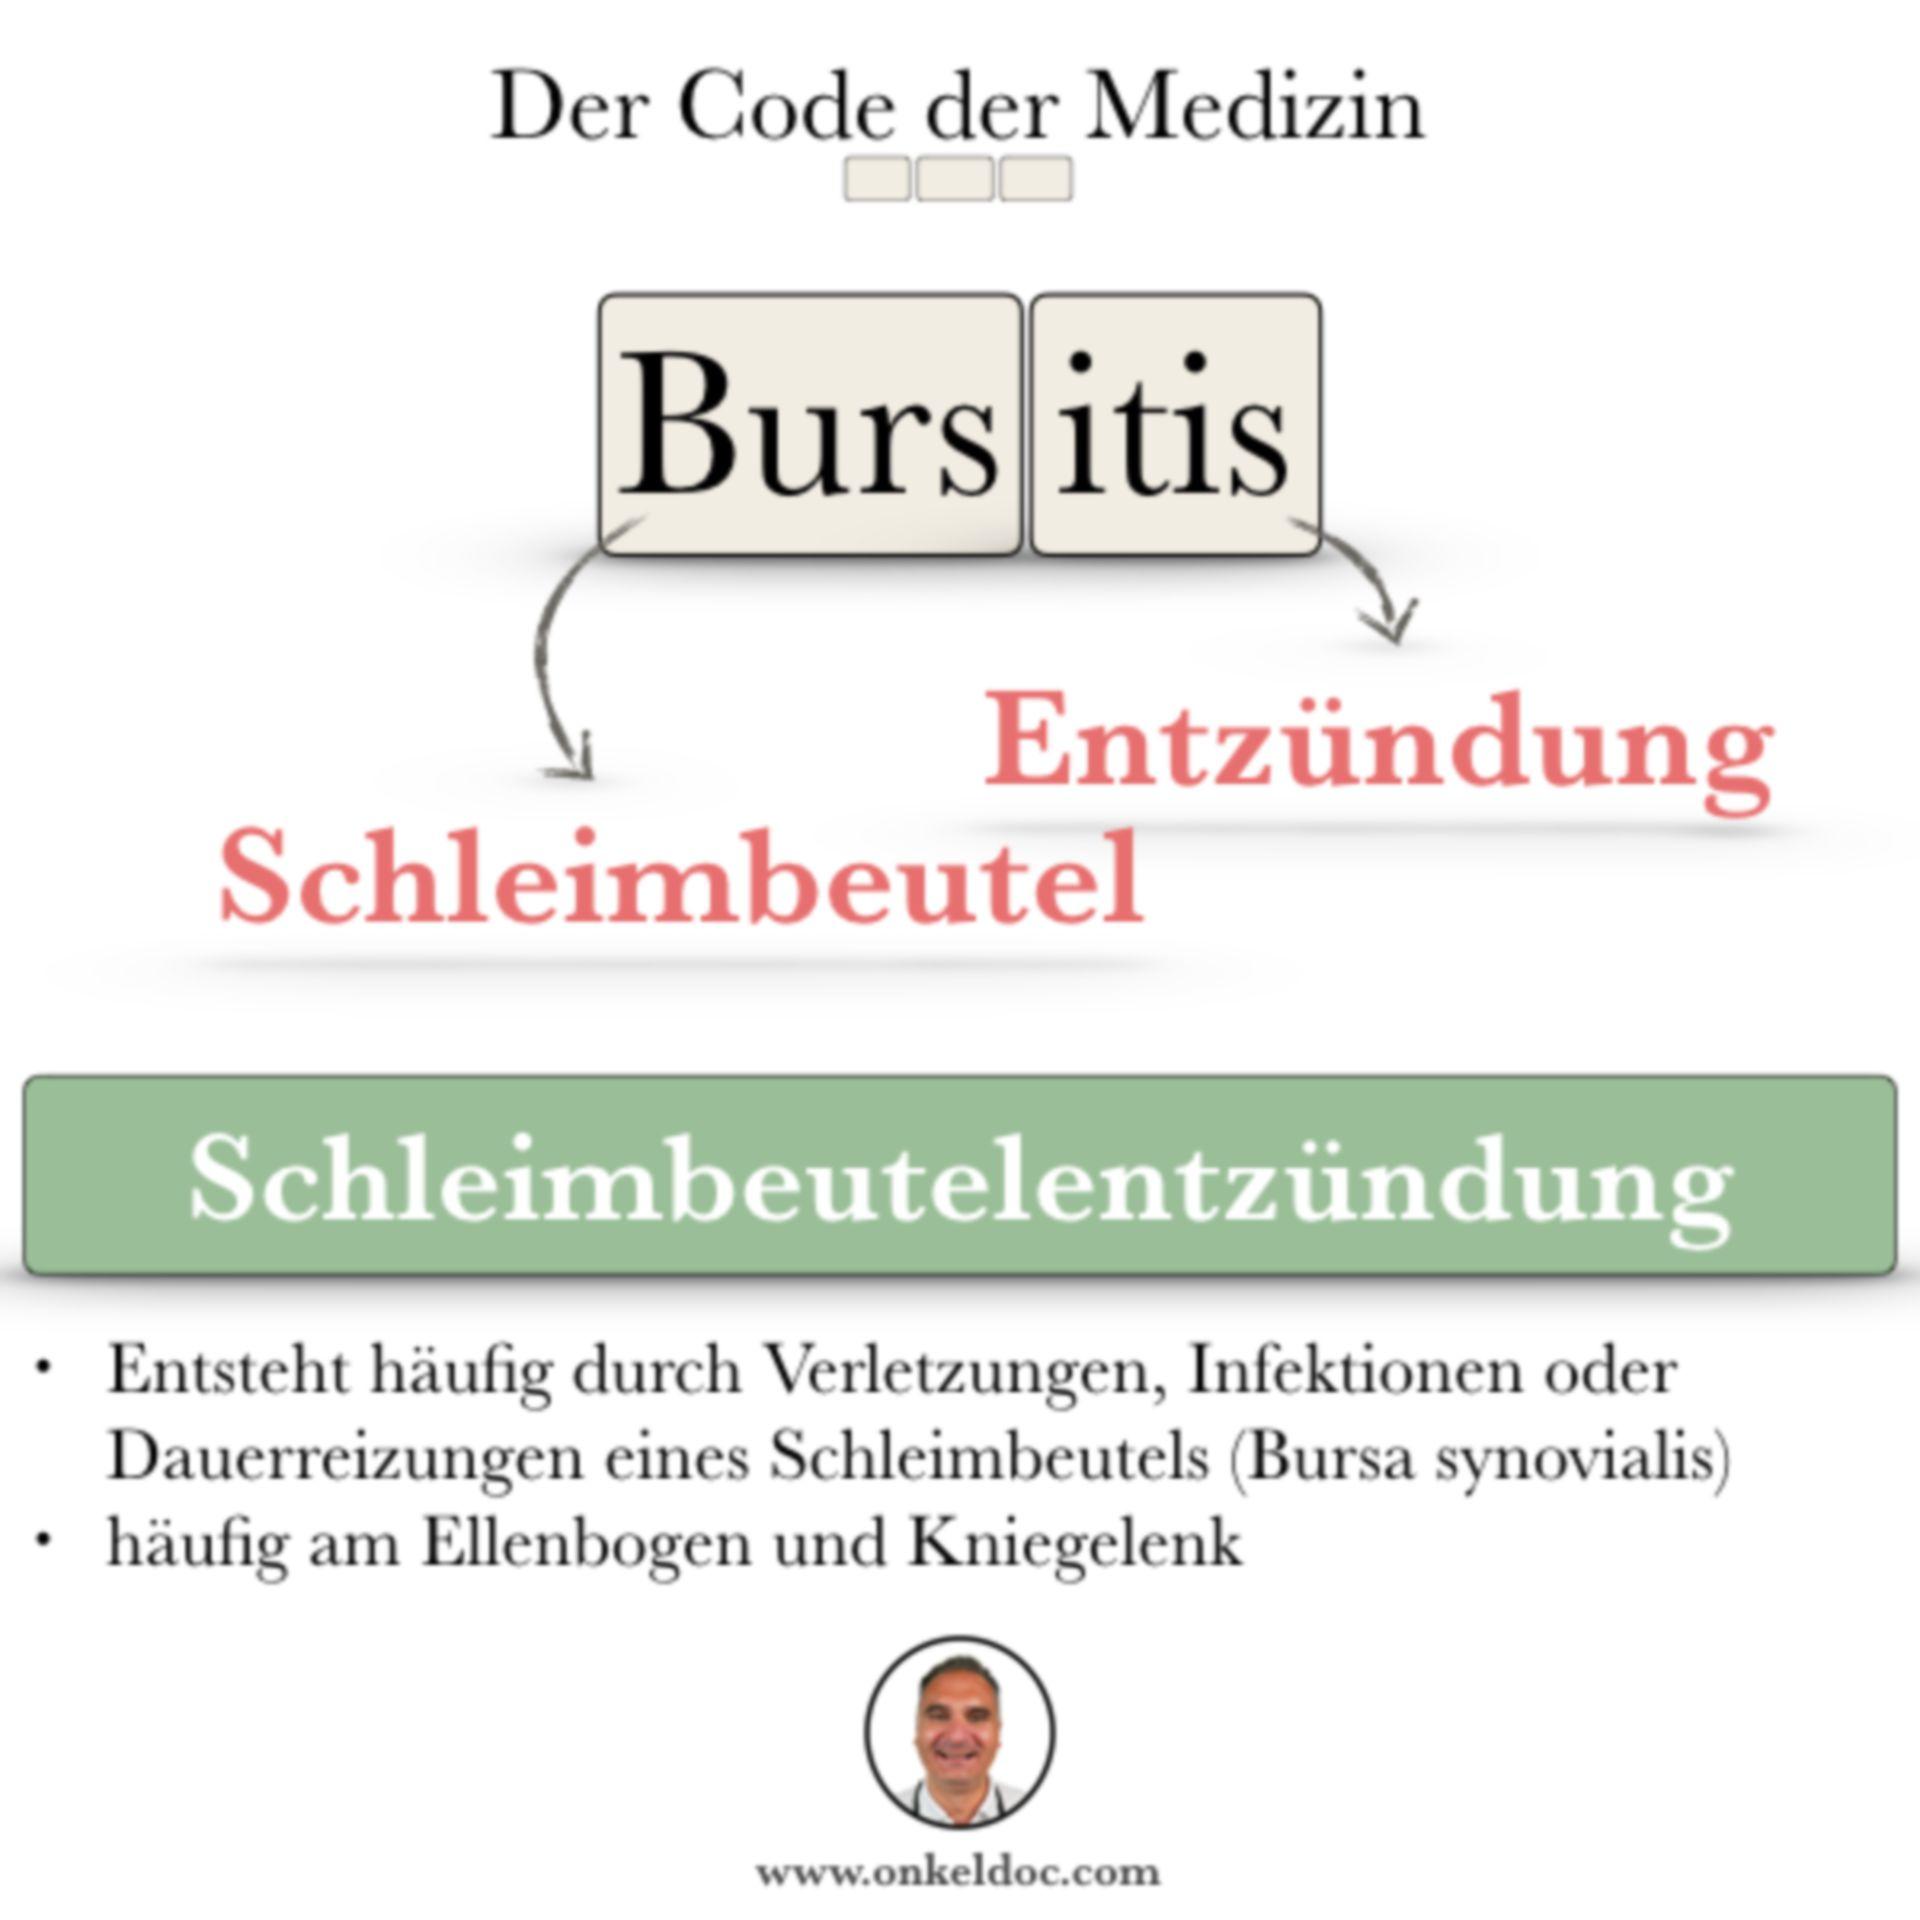 Der Code der Bursitis